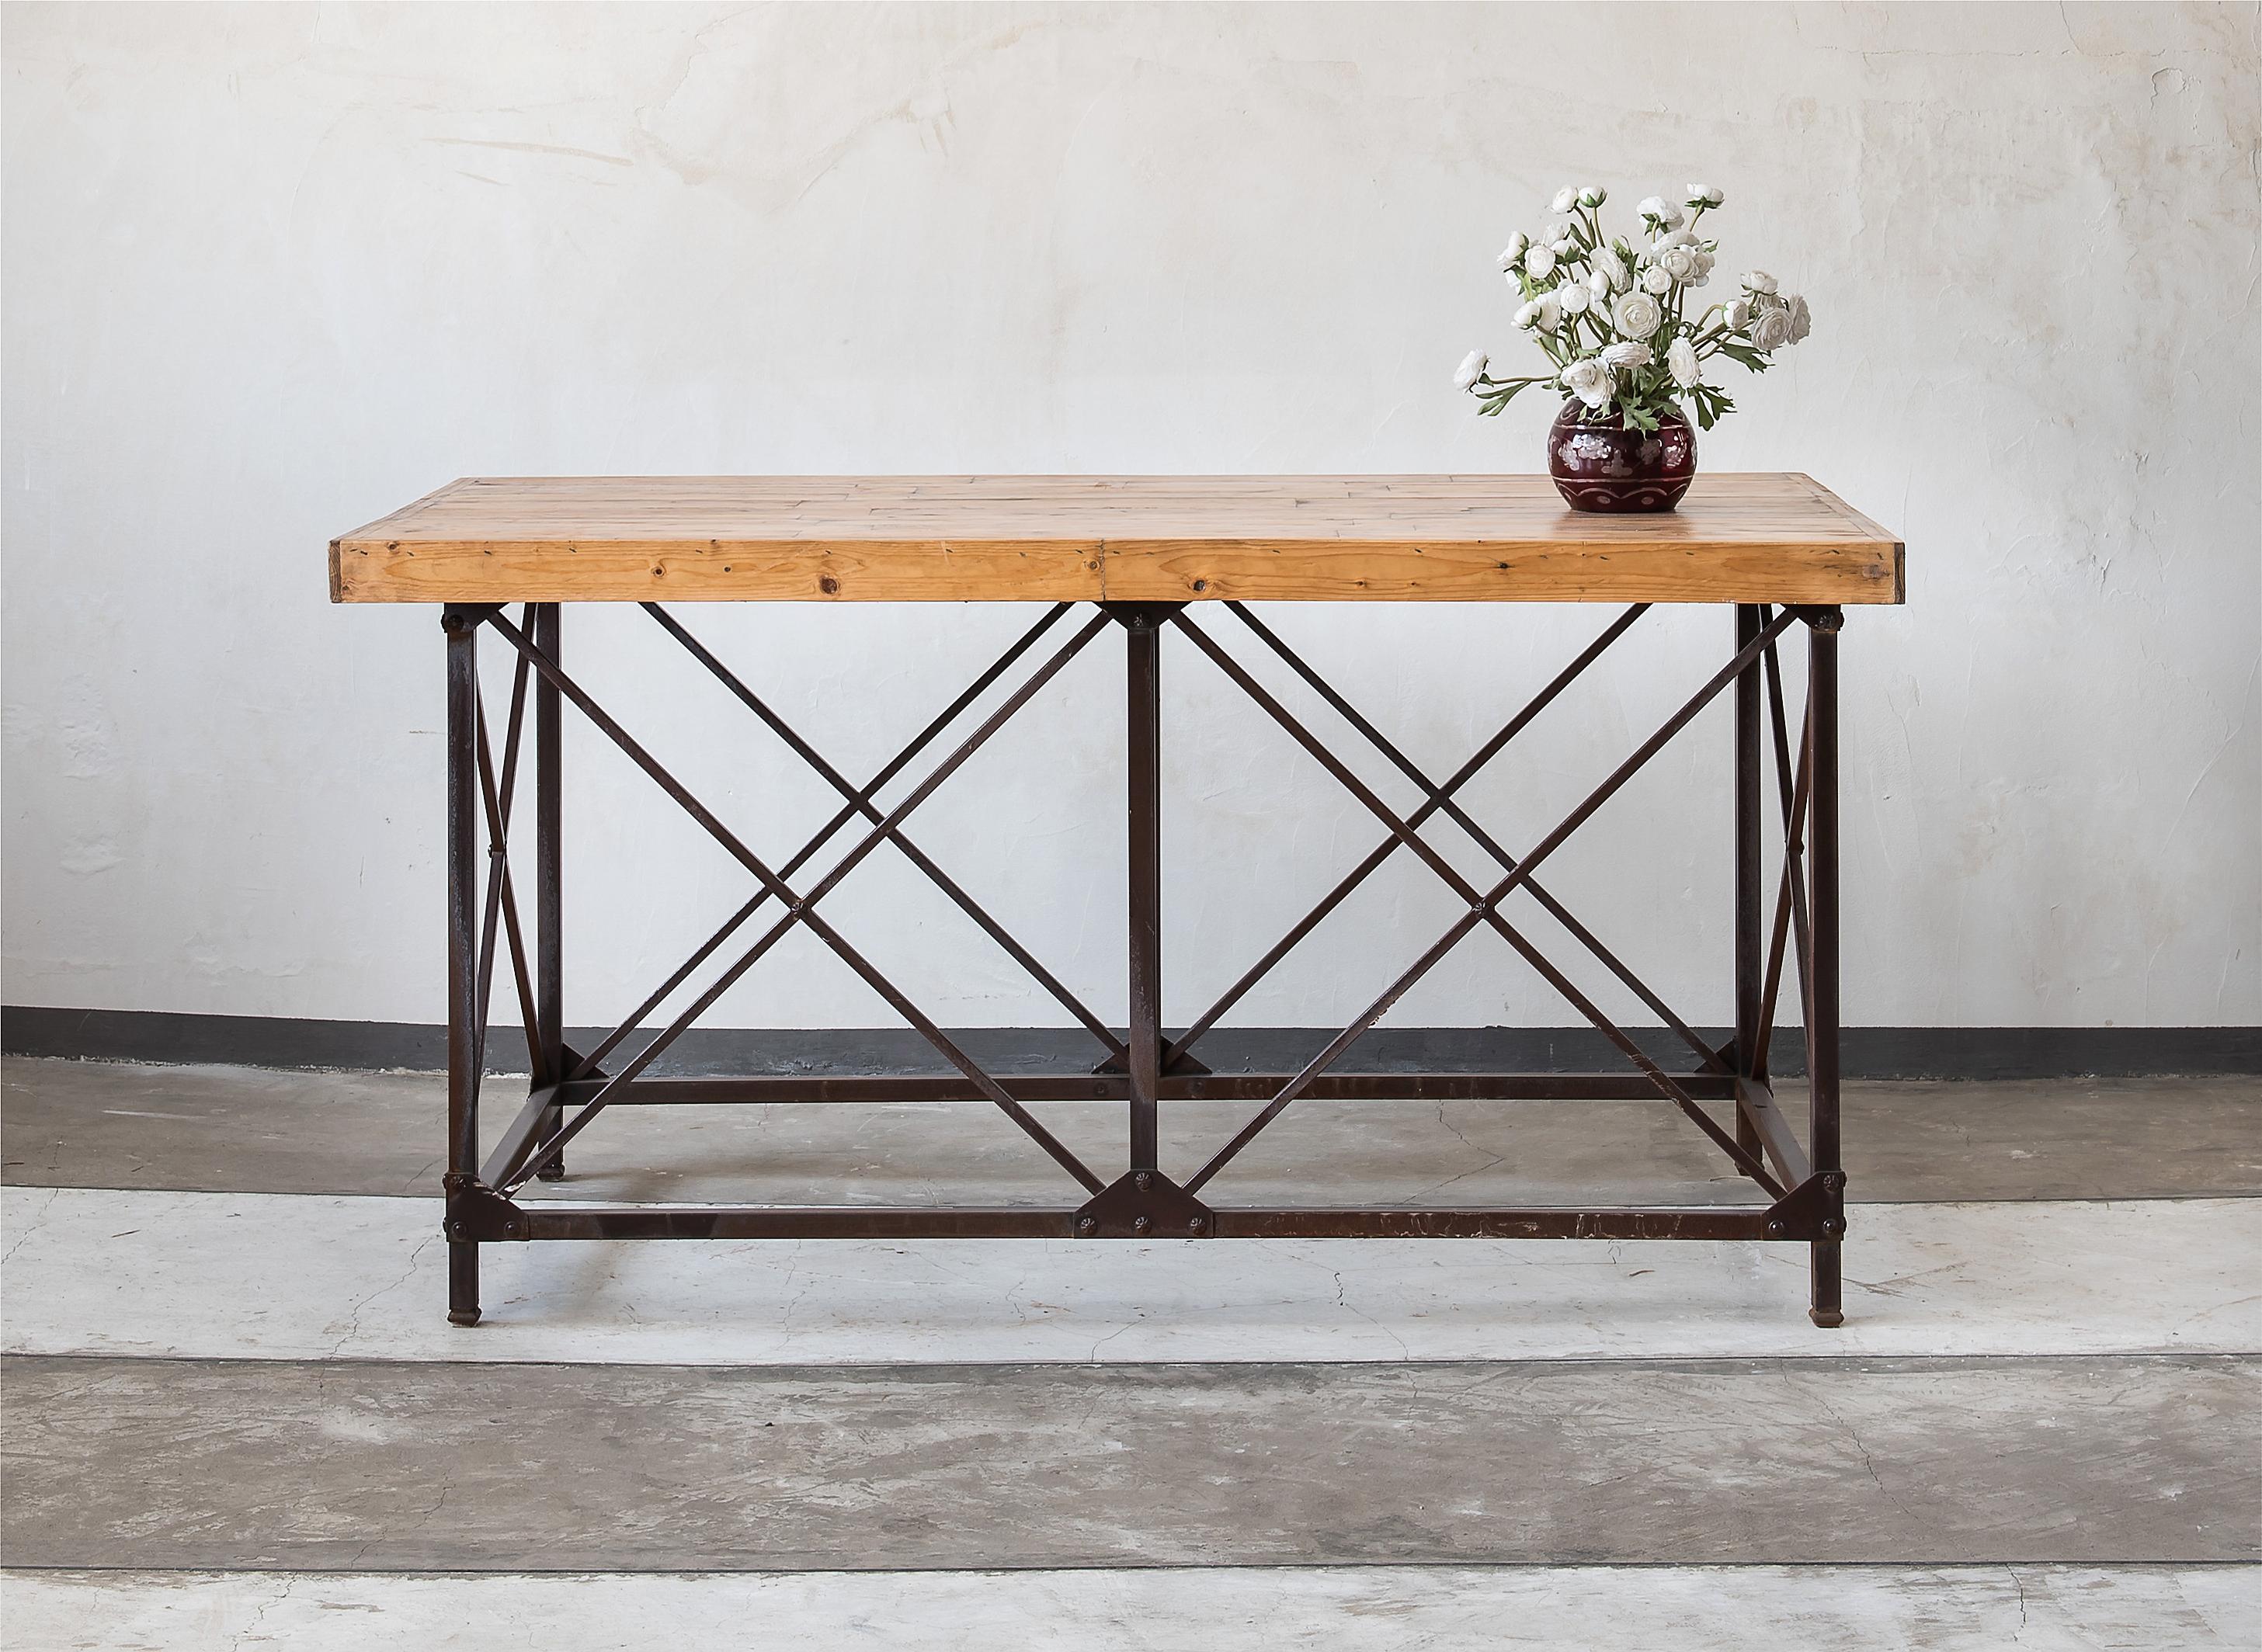 שולחן פלטת עץ מלא על בסיס פרזול ברזל